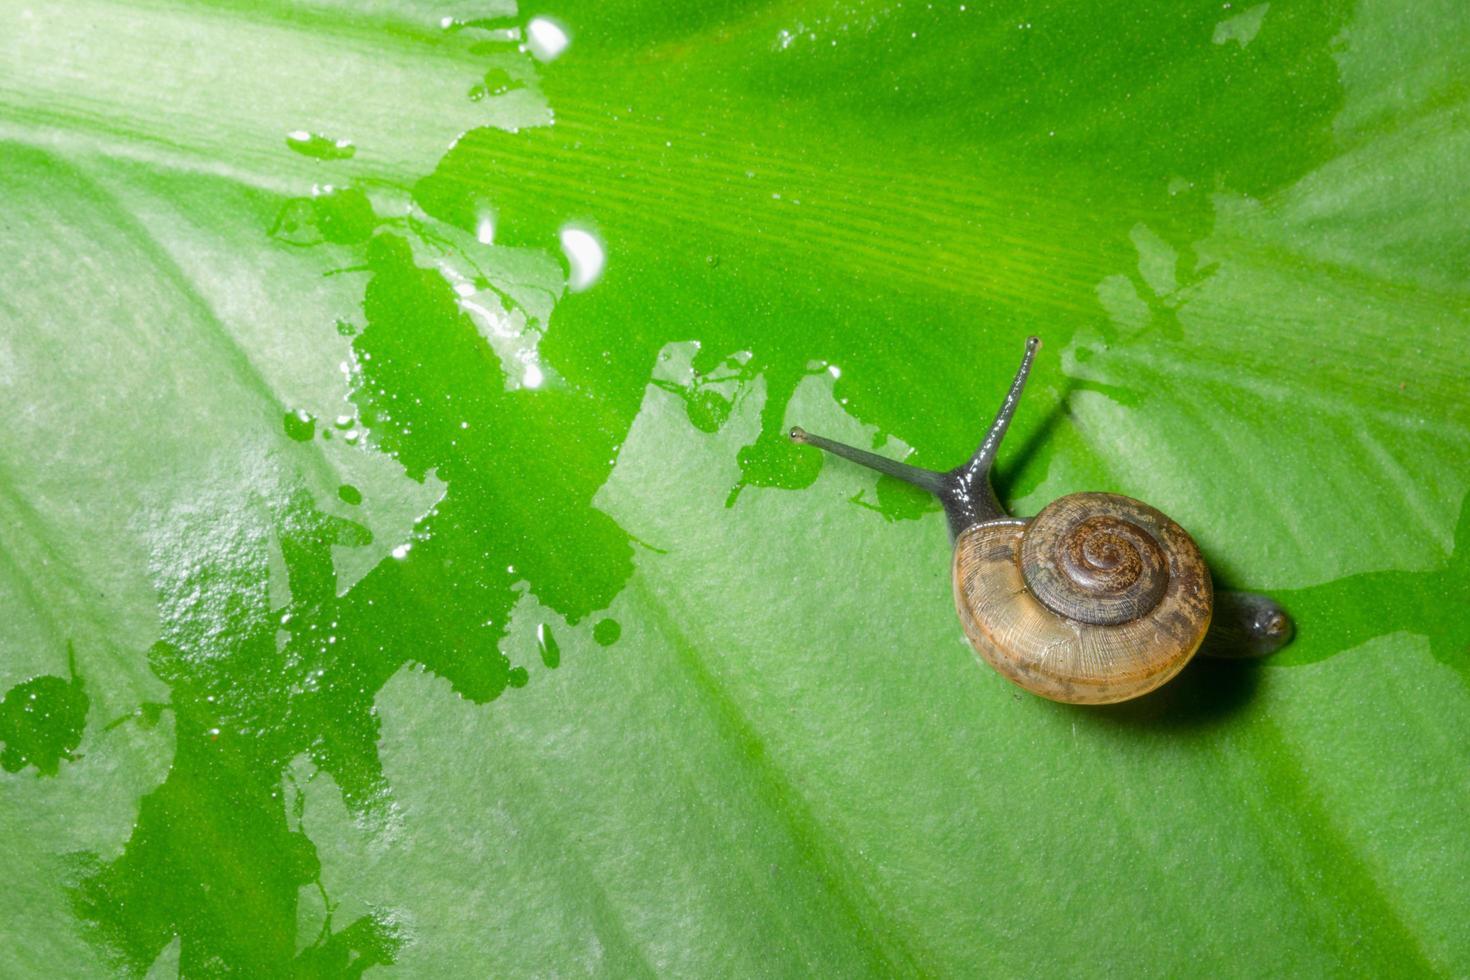 escargot sur une feuille photo